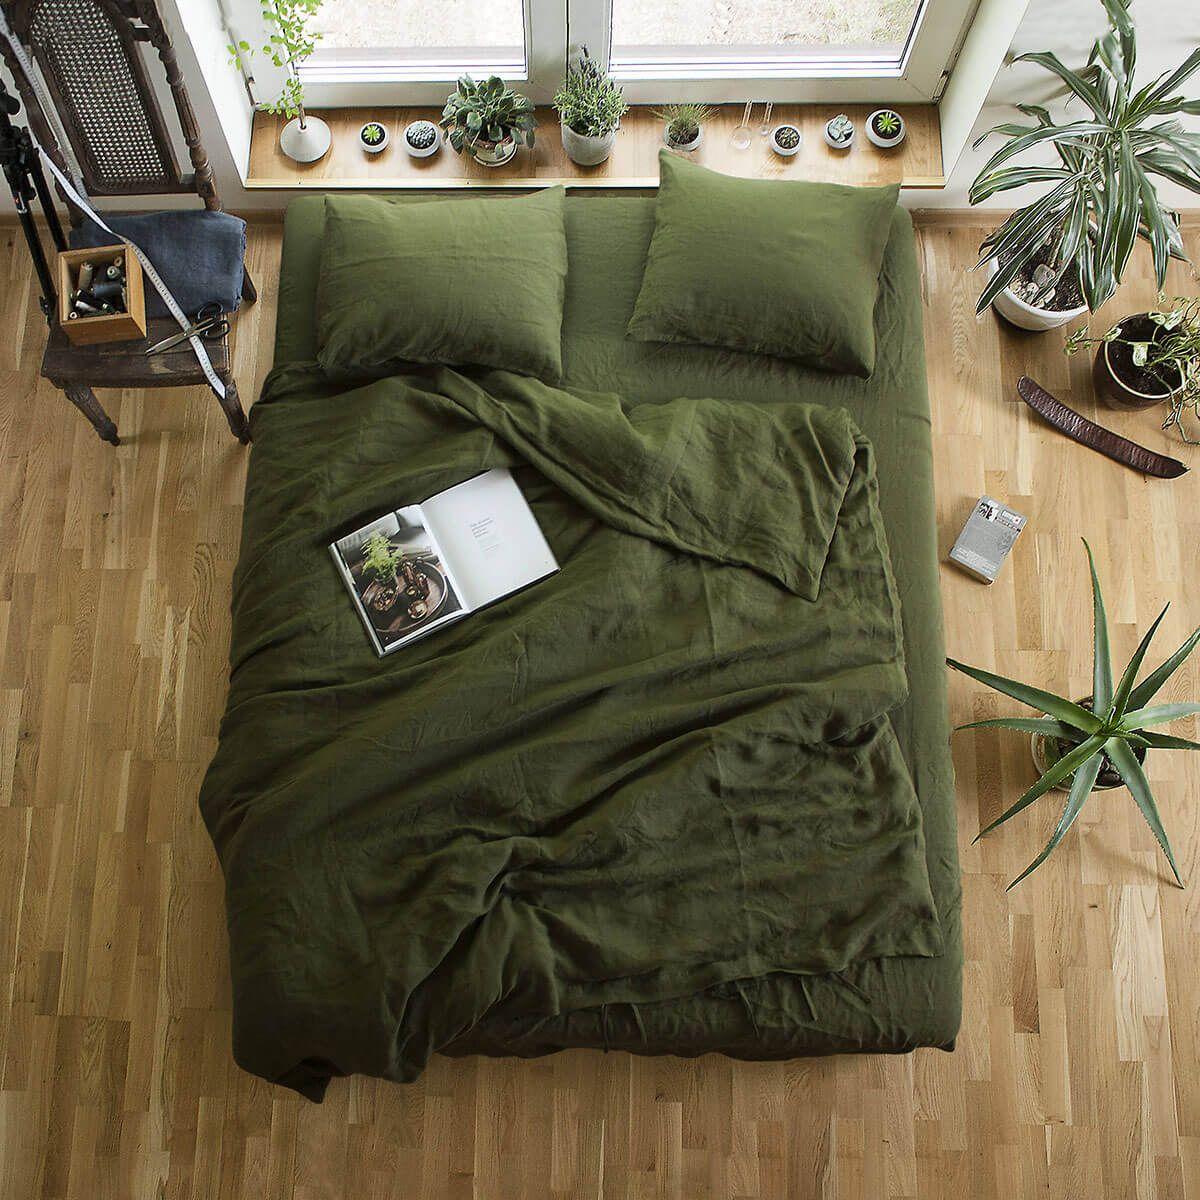 Photo of 30+ der traumhaftesten Bettwäsche-Sets für bequeme und gemütliche Nächte – Einrichtungs Ideen